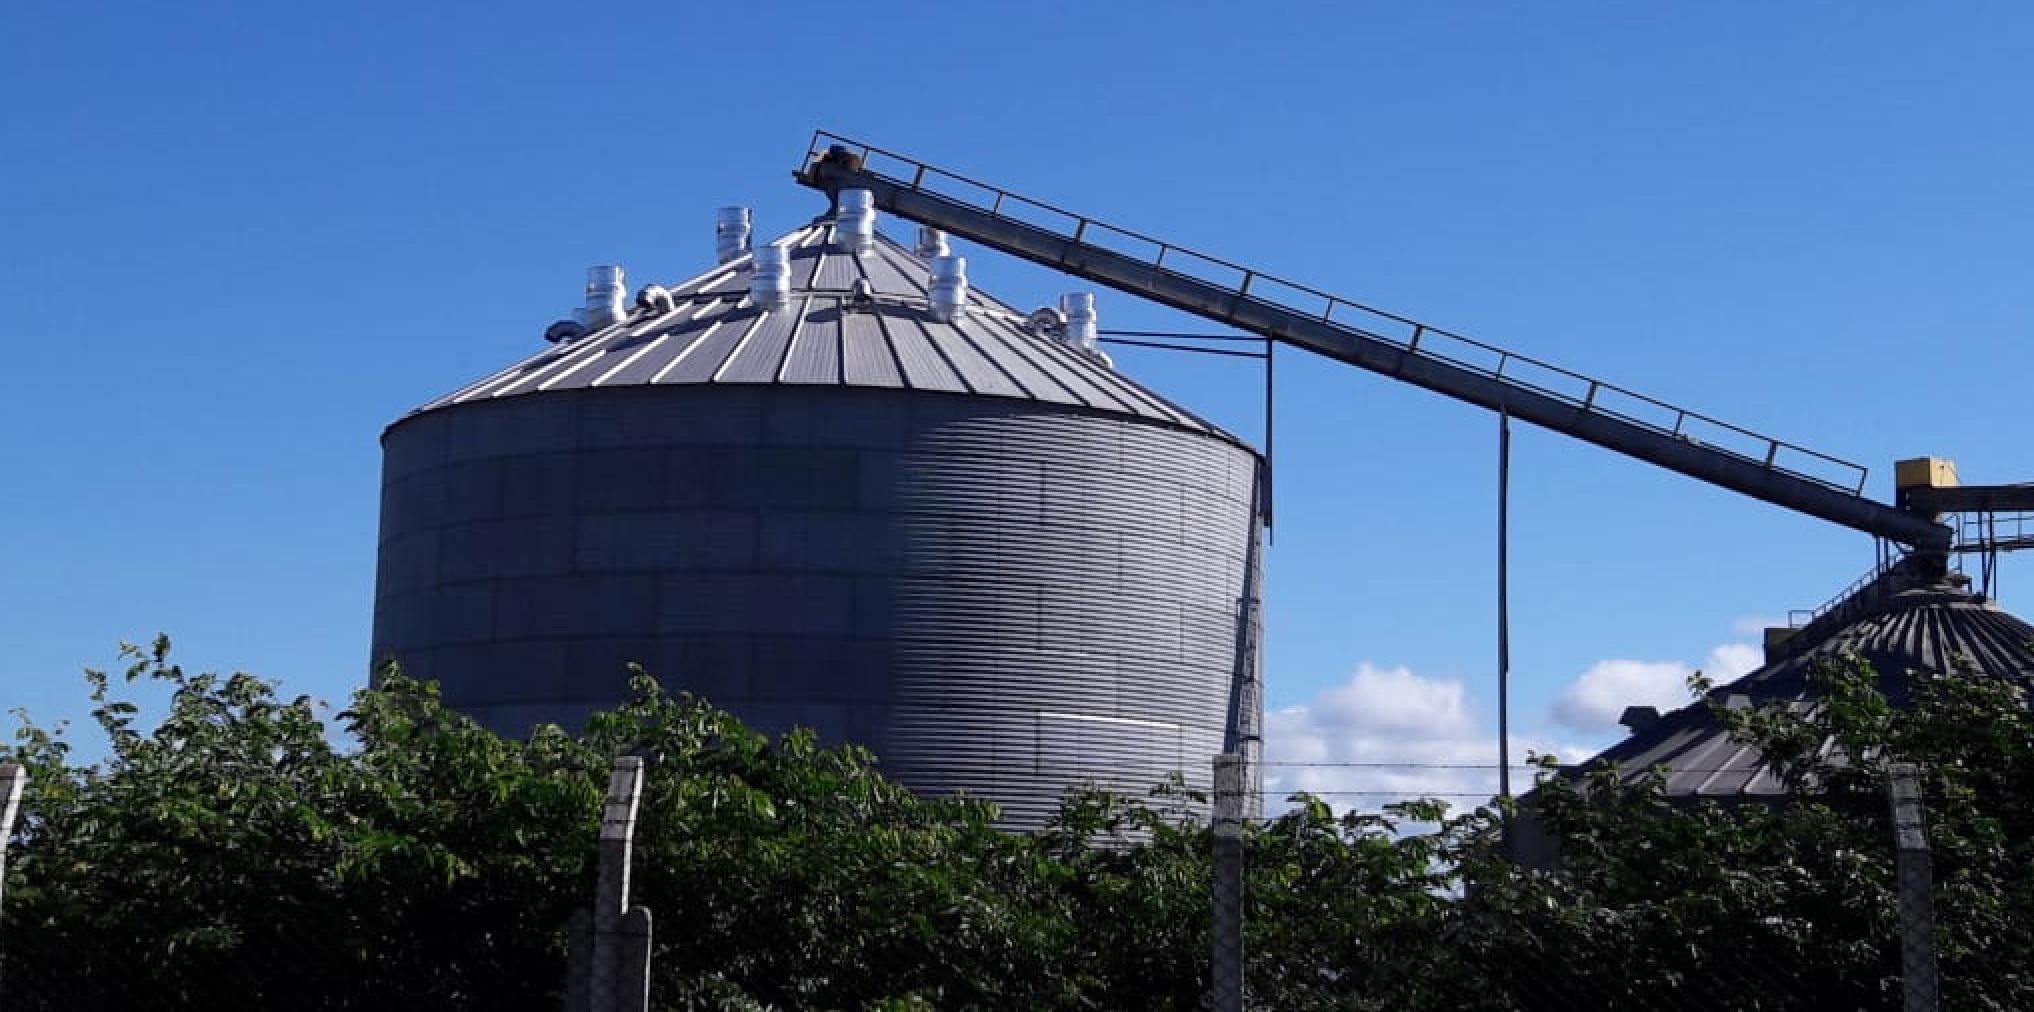 Condensação em silos: o que é e como evitá-la?